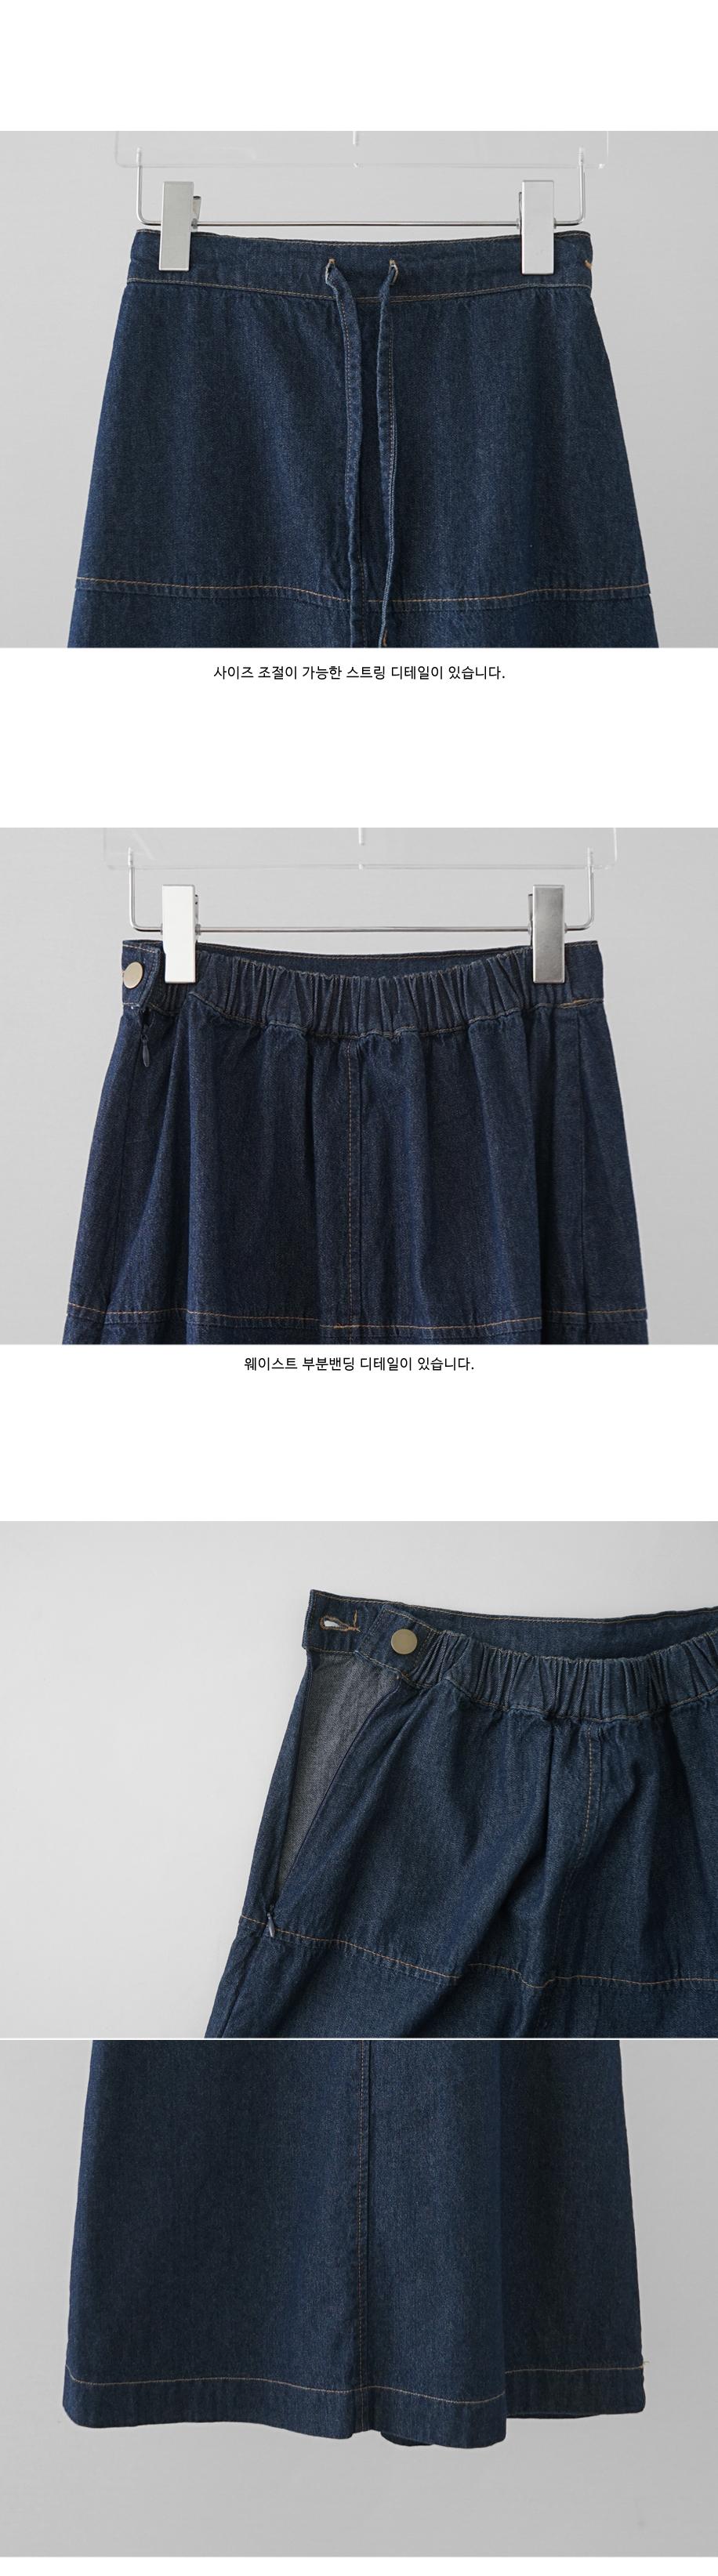 washing denim maxi skirt